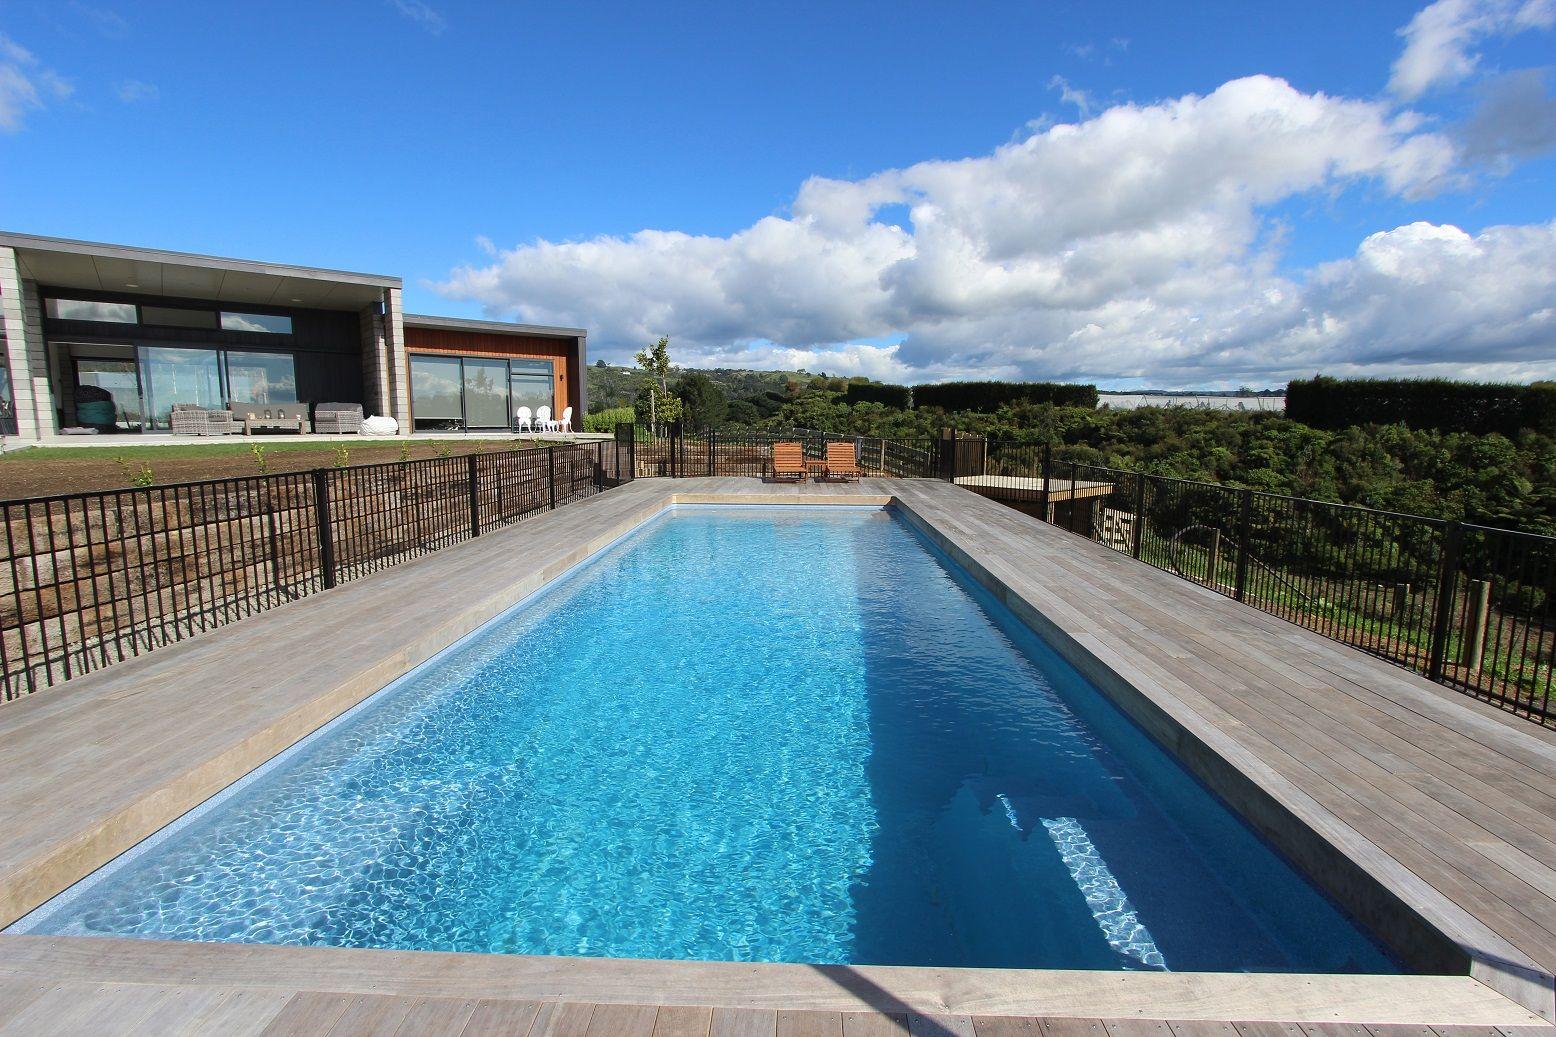 Madeira By Narellan Pools: Narellan Pools NZ - Grandeur